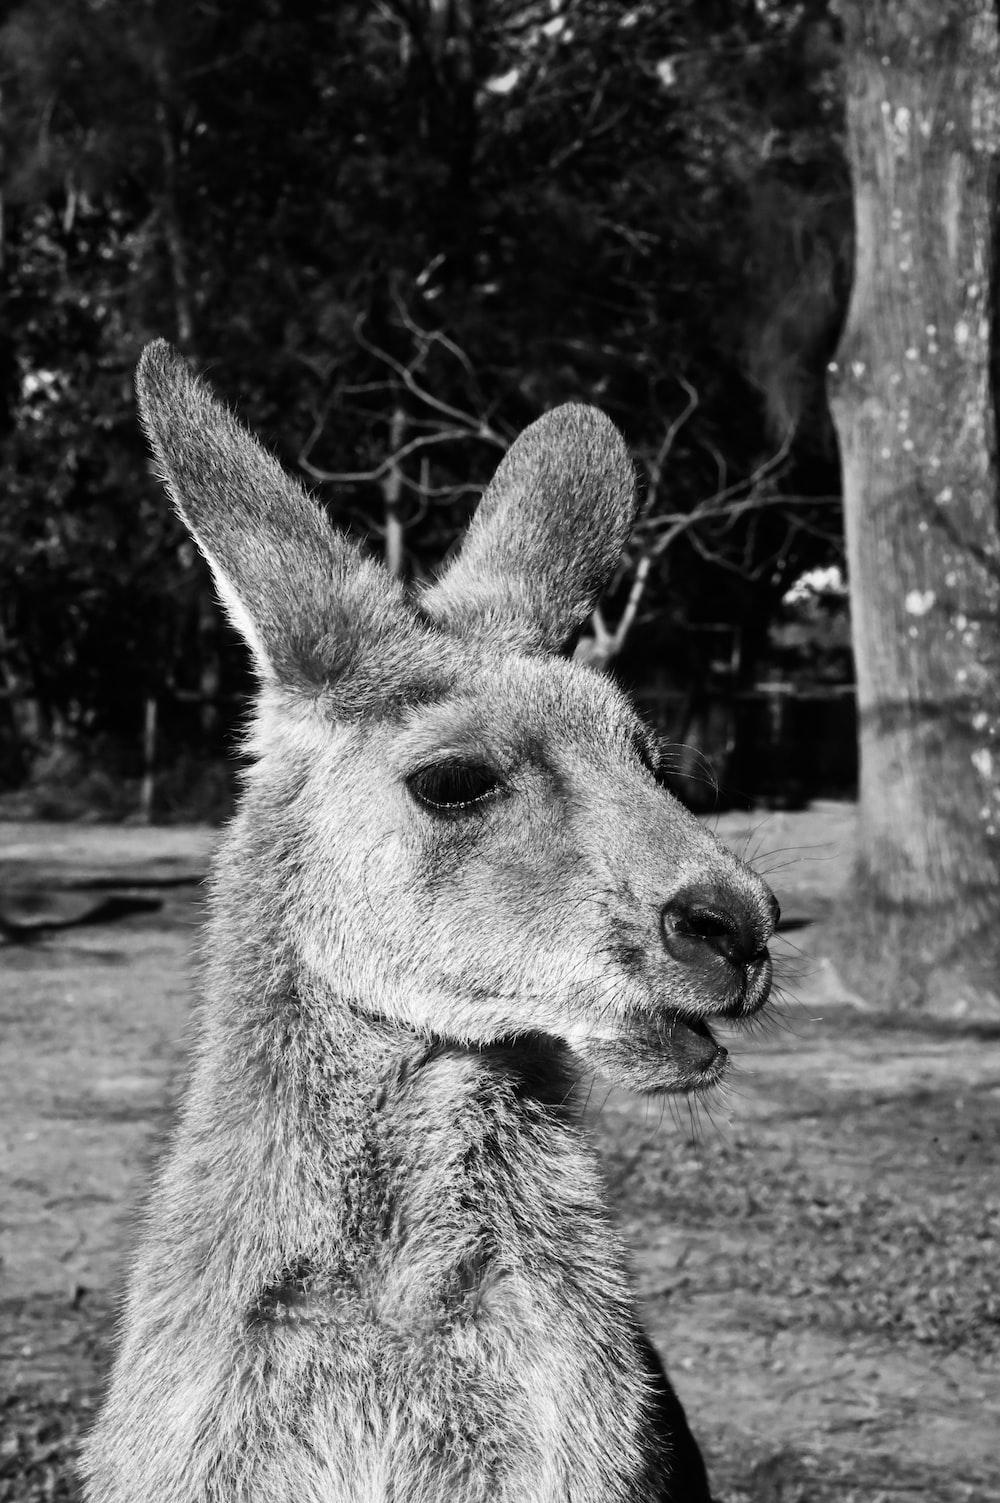 gray scale photo of kangaroo